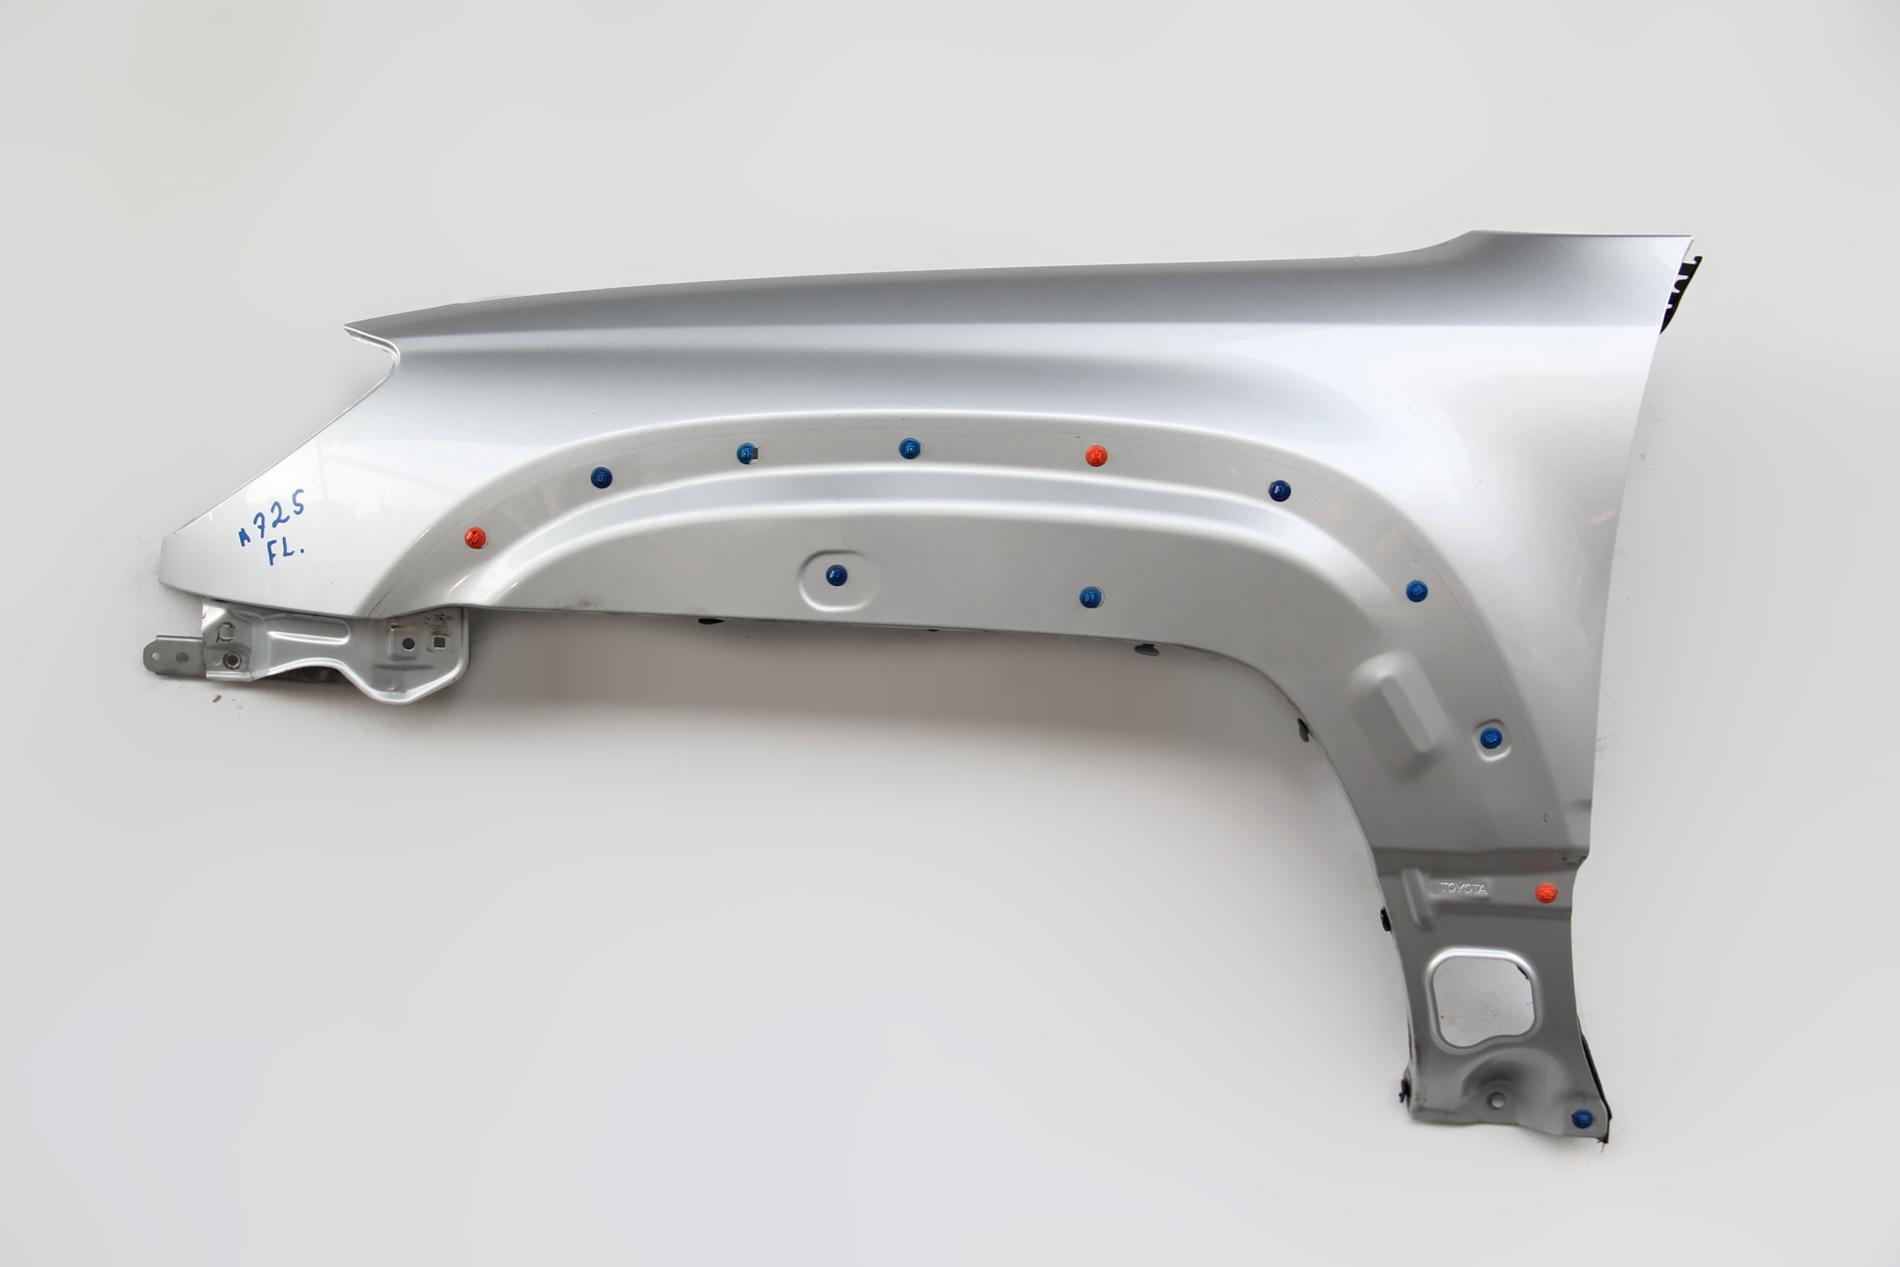 Toyota 4Runner 03-05 Fender Panel Left/Driver Silver 53802-35620 Factory OEM